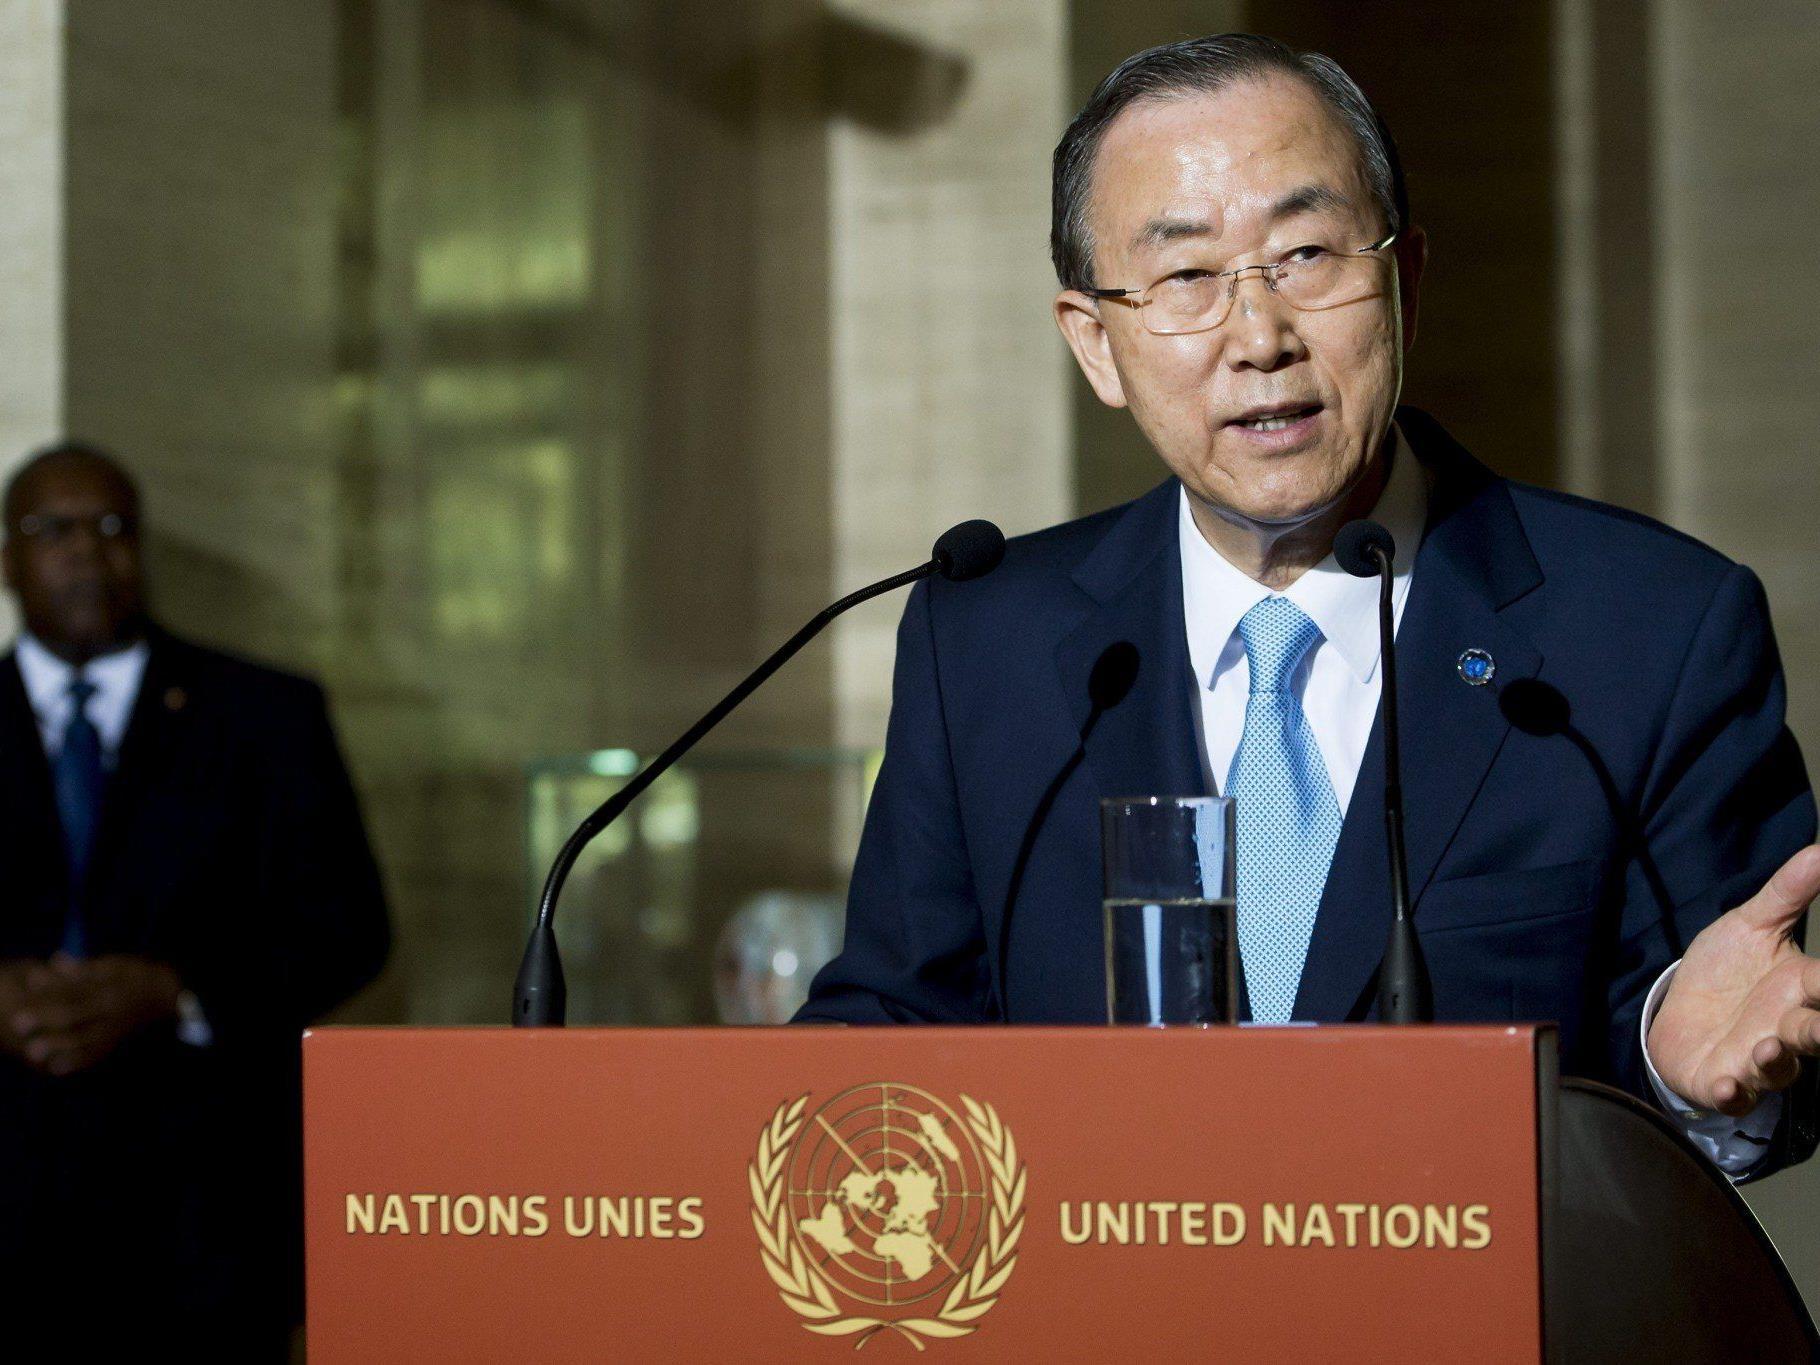 UNO-Chef Ban Ki-moon fordert die Freilassung von Mohammed Mursi. Der ägyptische Präsident wurde vor drei Wochen entmachtet.